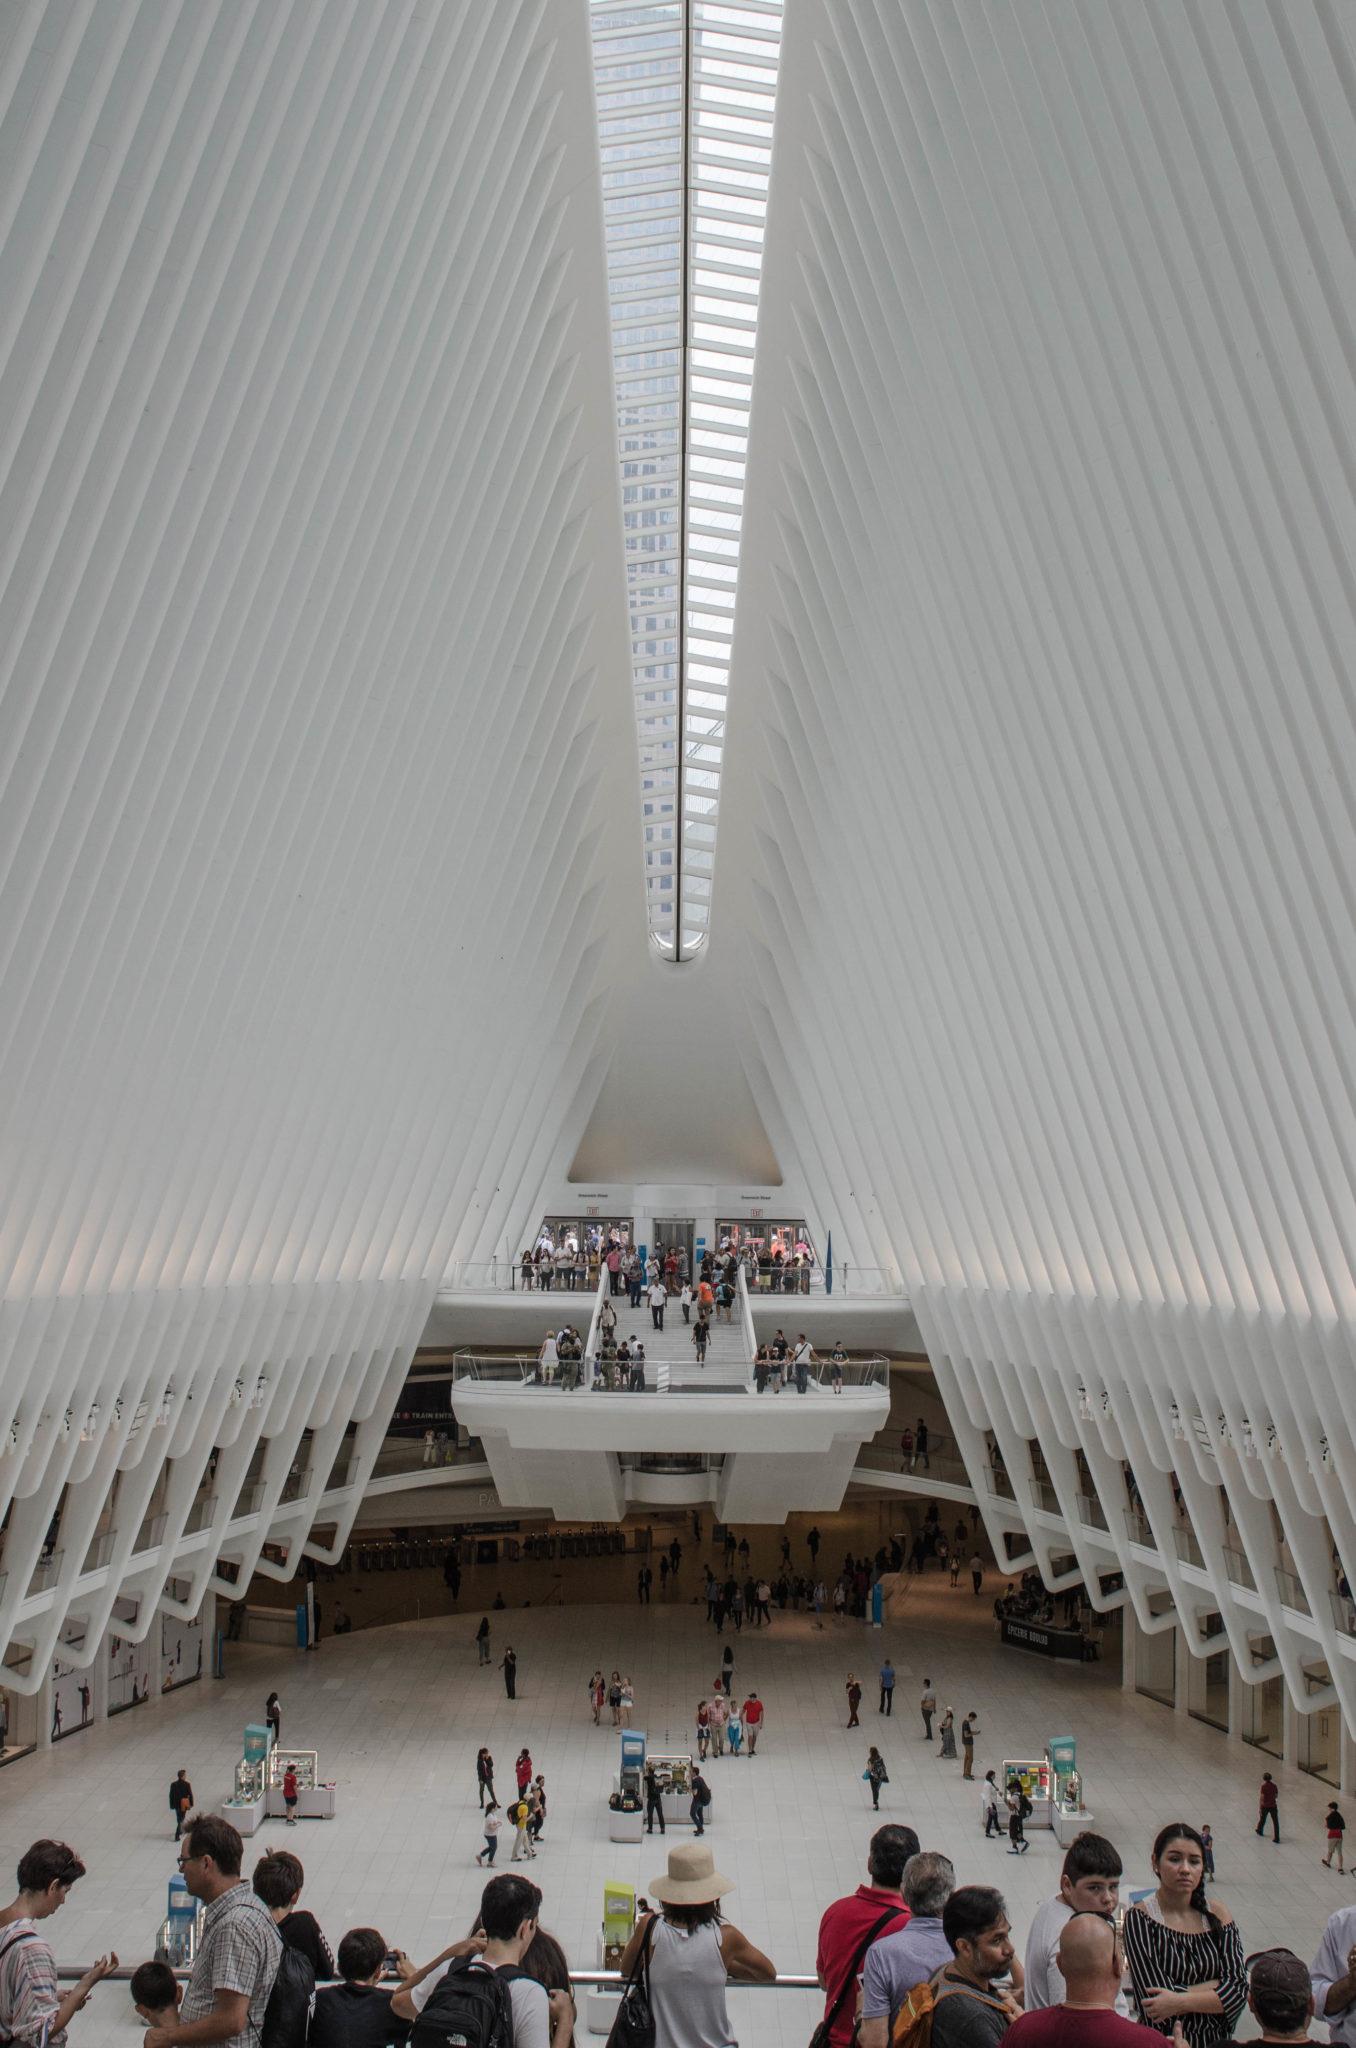 Das Innere des One World Trade Center